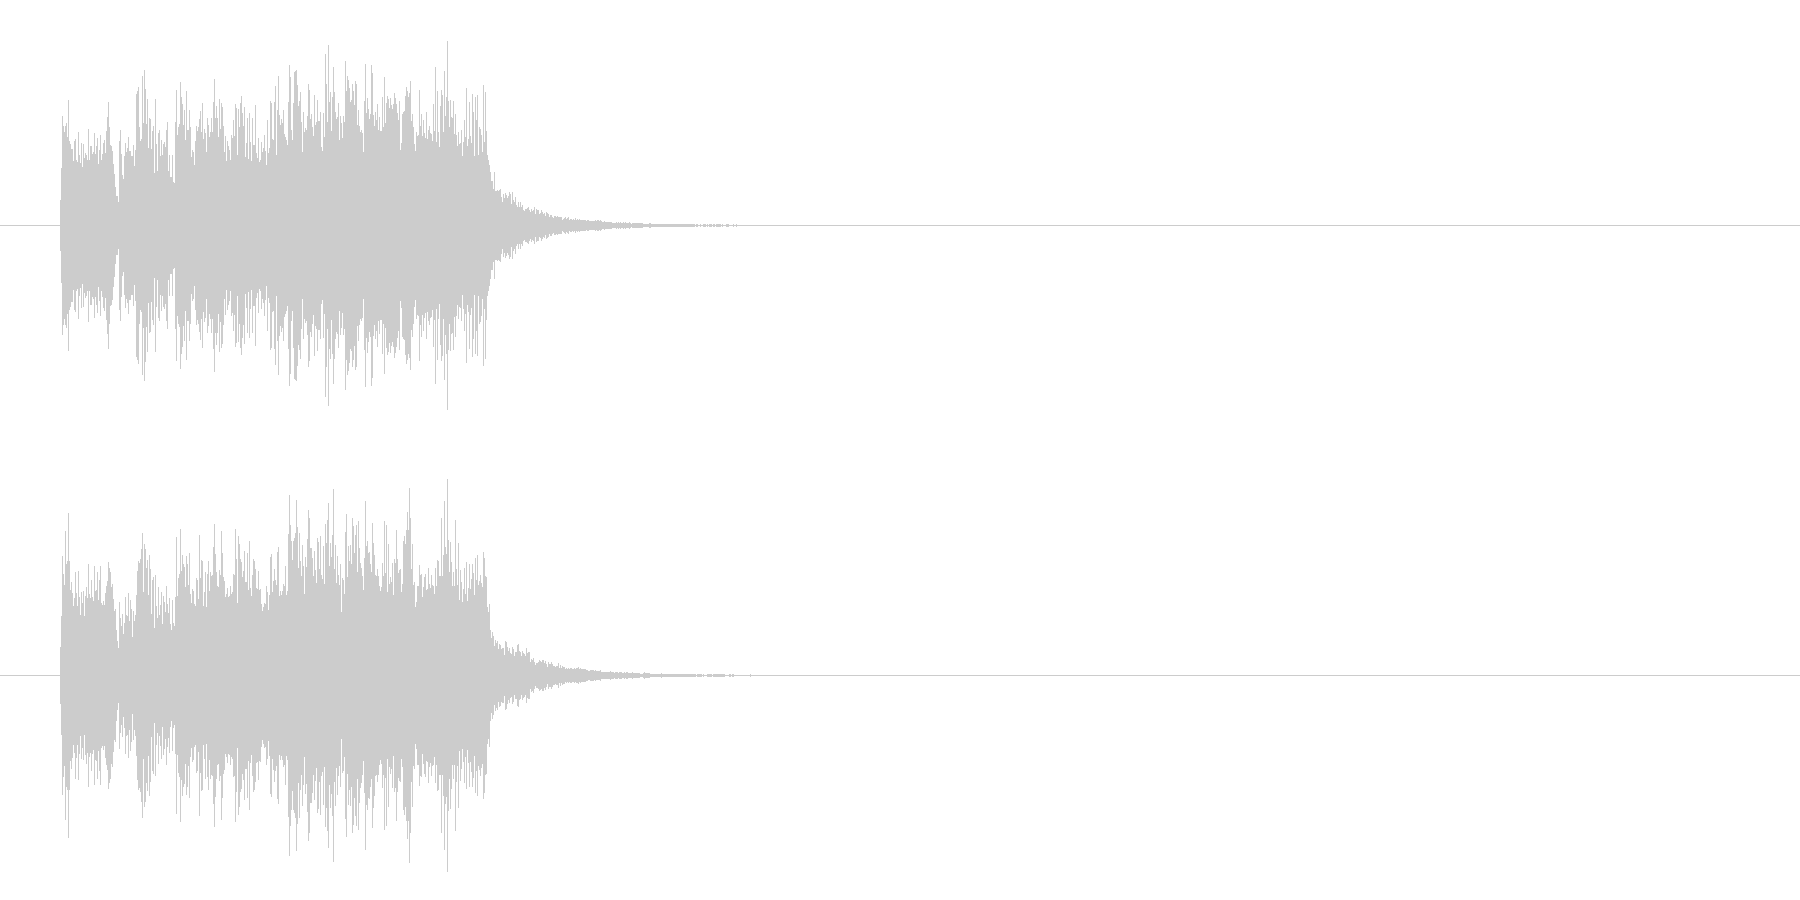 ジングル/ドキュメントの未再生の波形